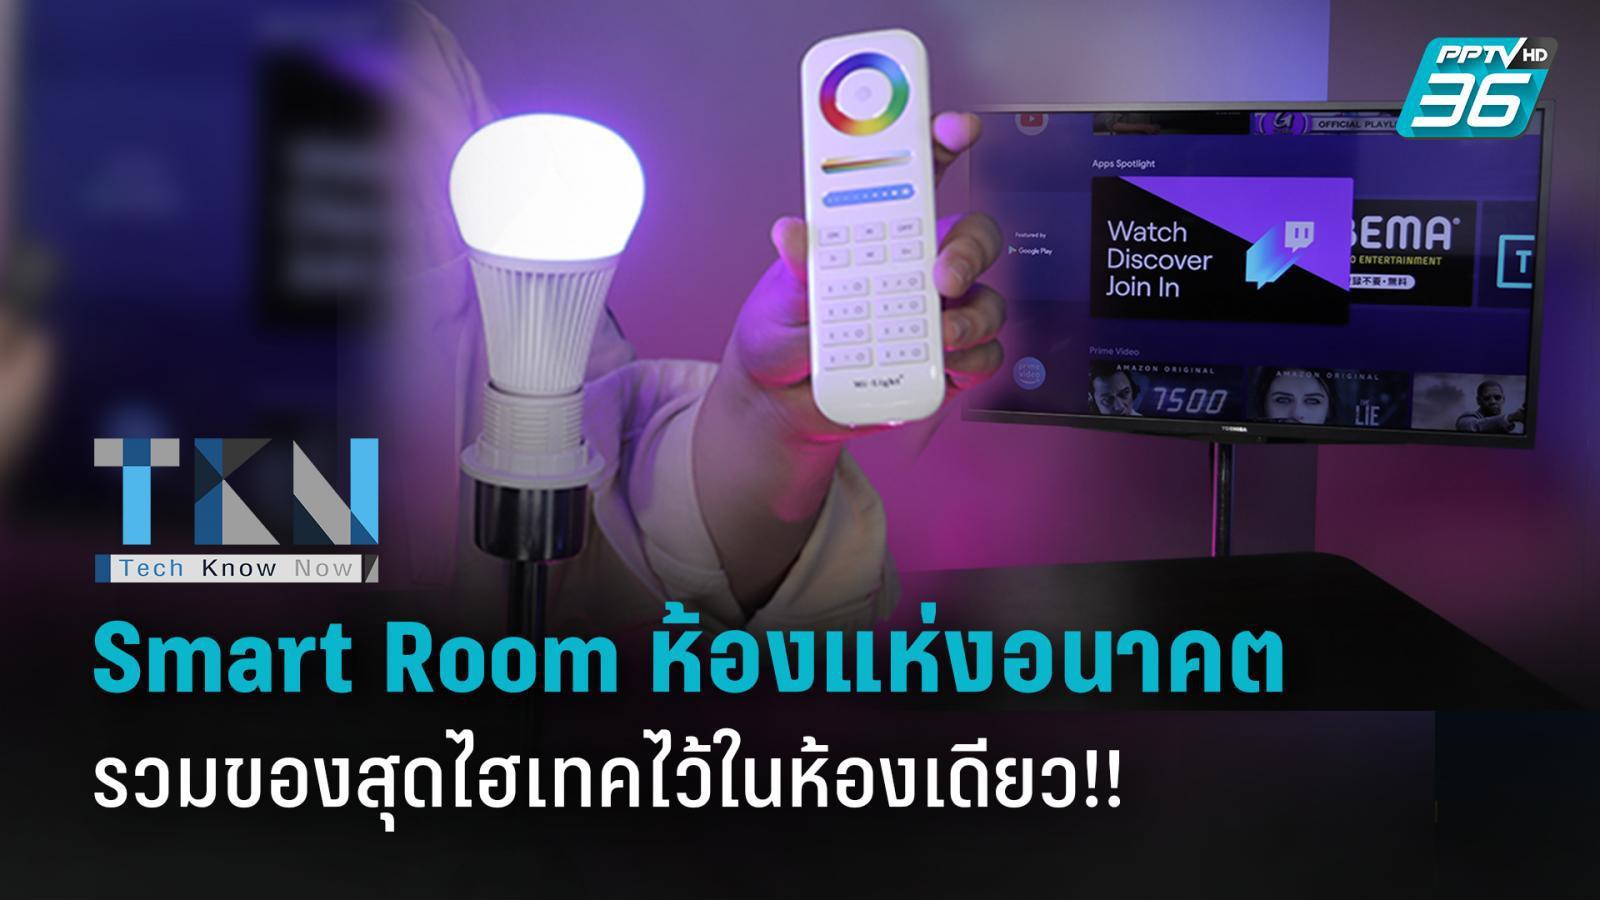 """""""Smart Room"""" ห้องแห่งอนาคต รวมของสุดไฮเทคไว้ในห้องเดียว!!"""